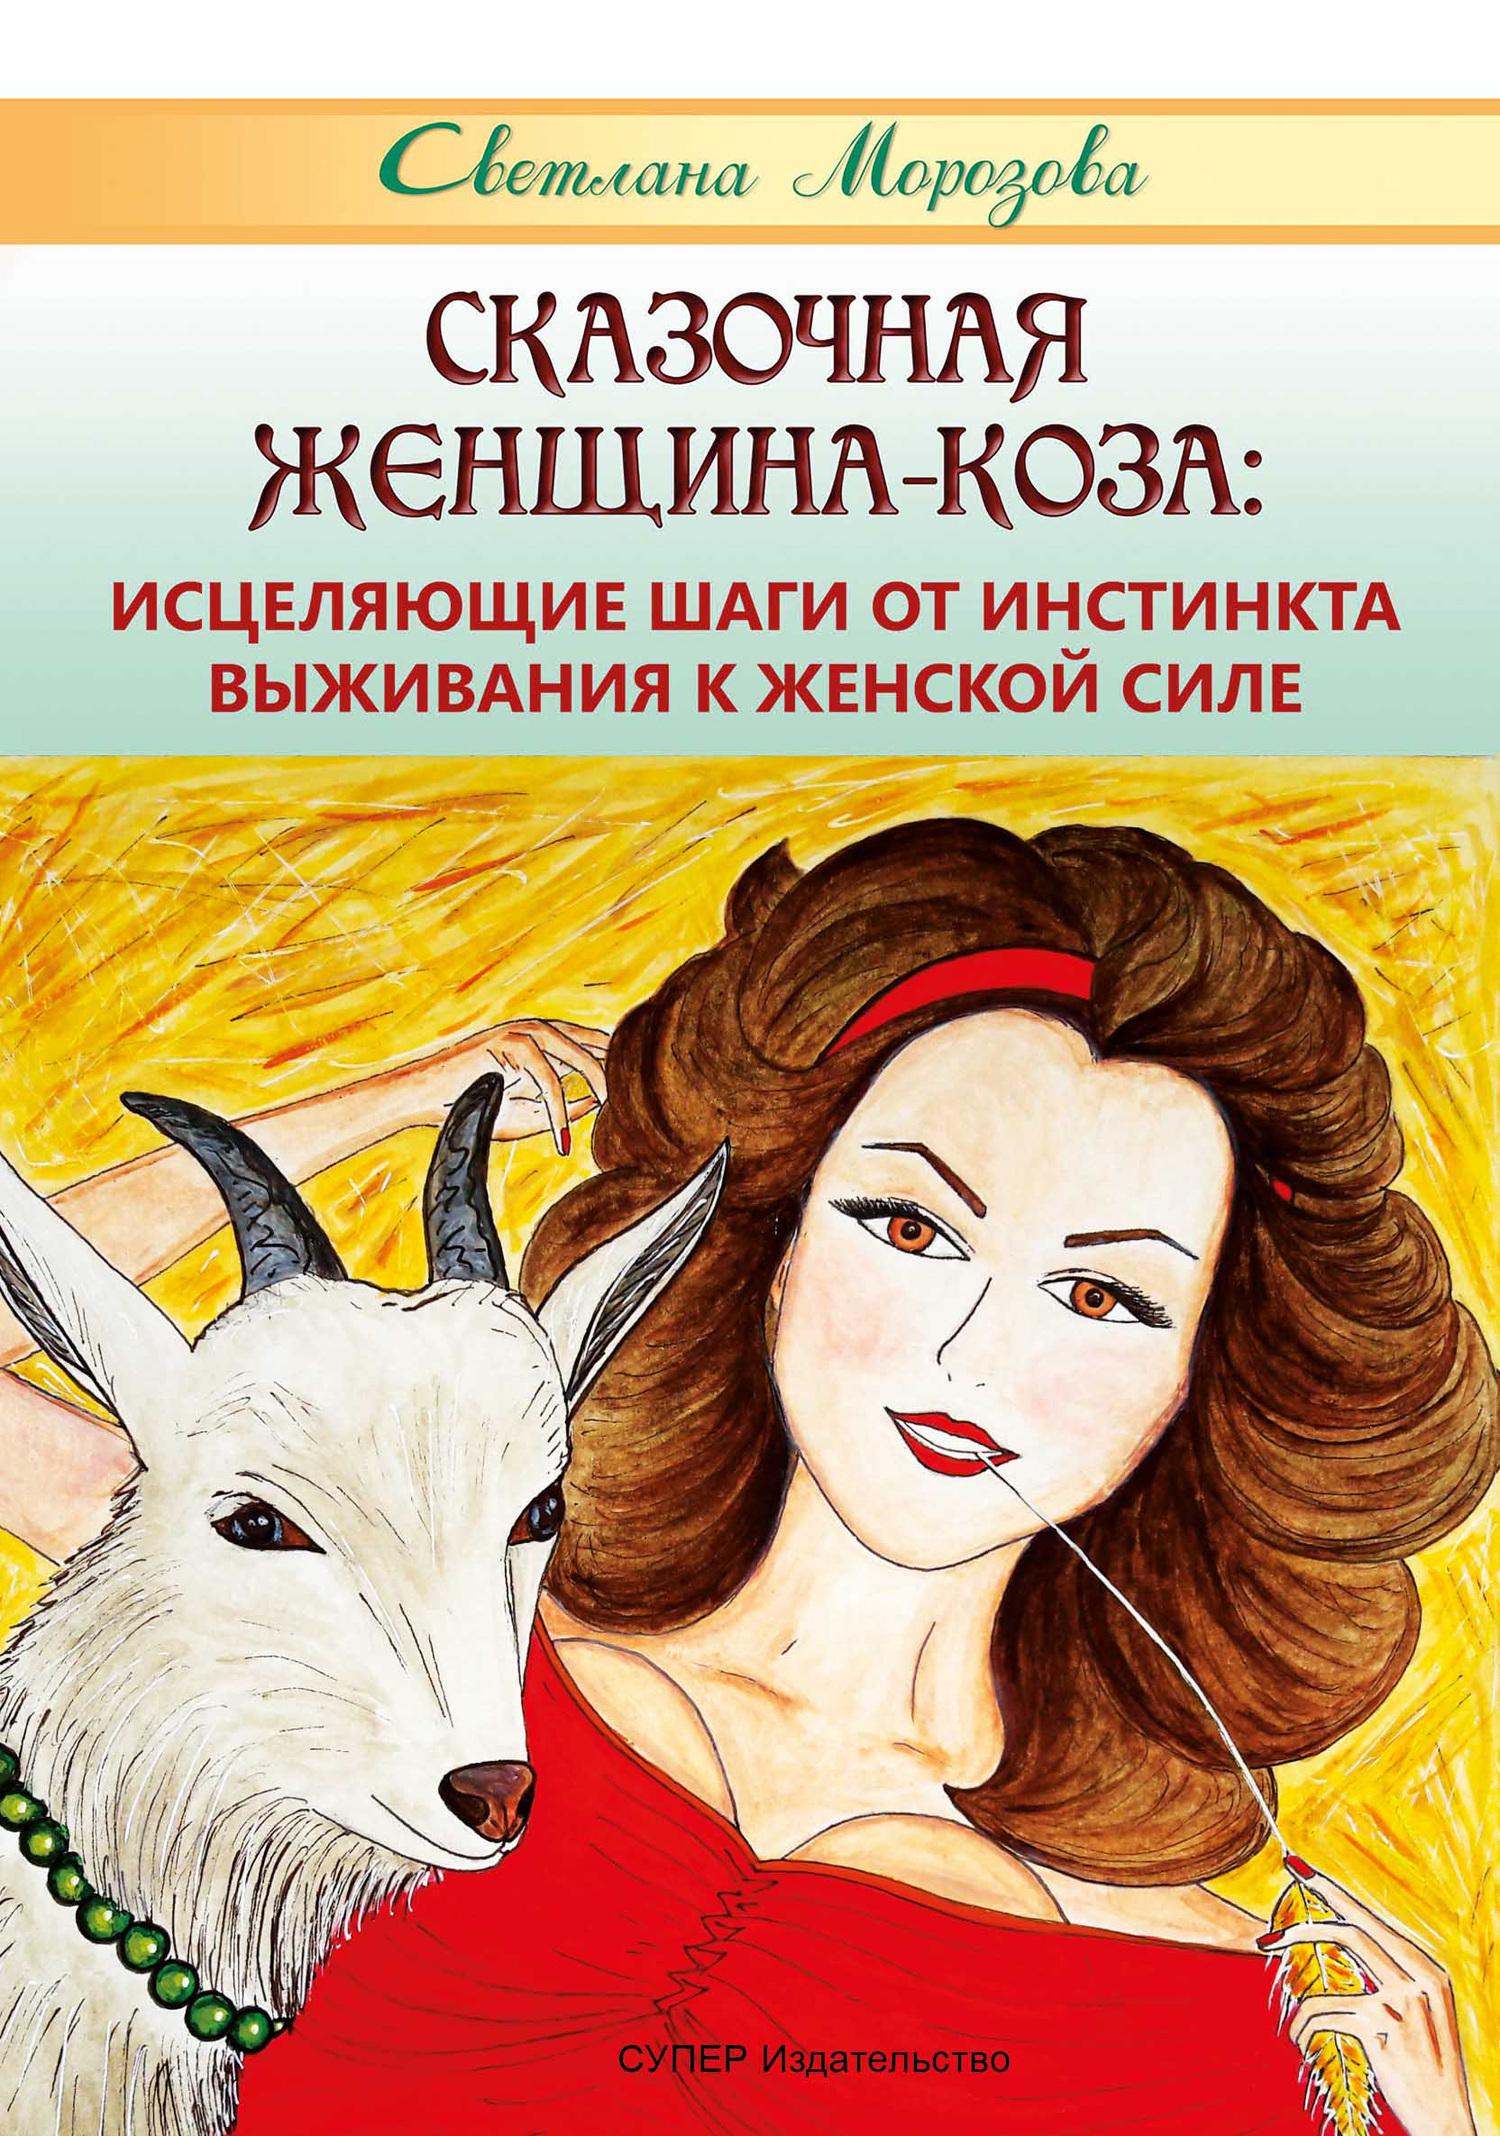 Сказочная Женщина-Коза: исцеляющие шаги от инстинкта выживания к женской силе